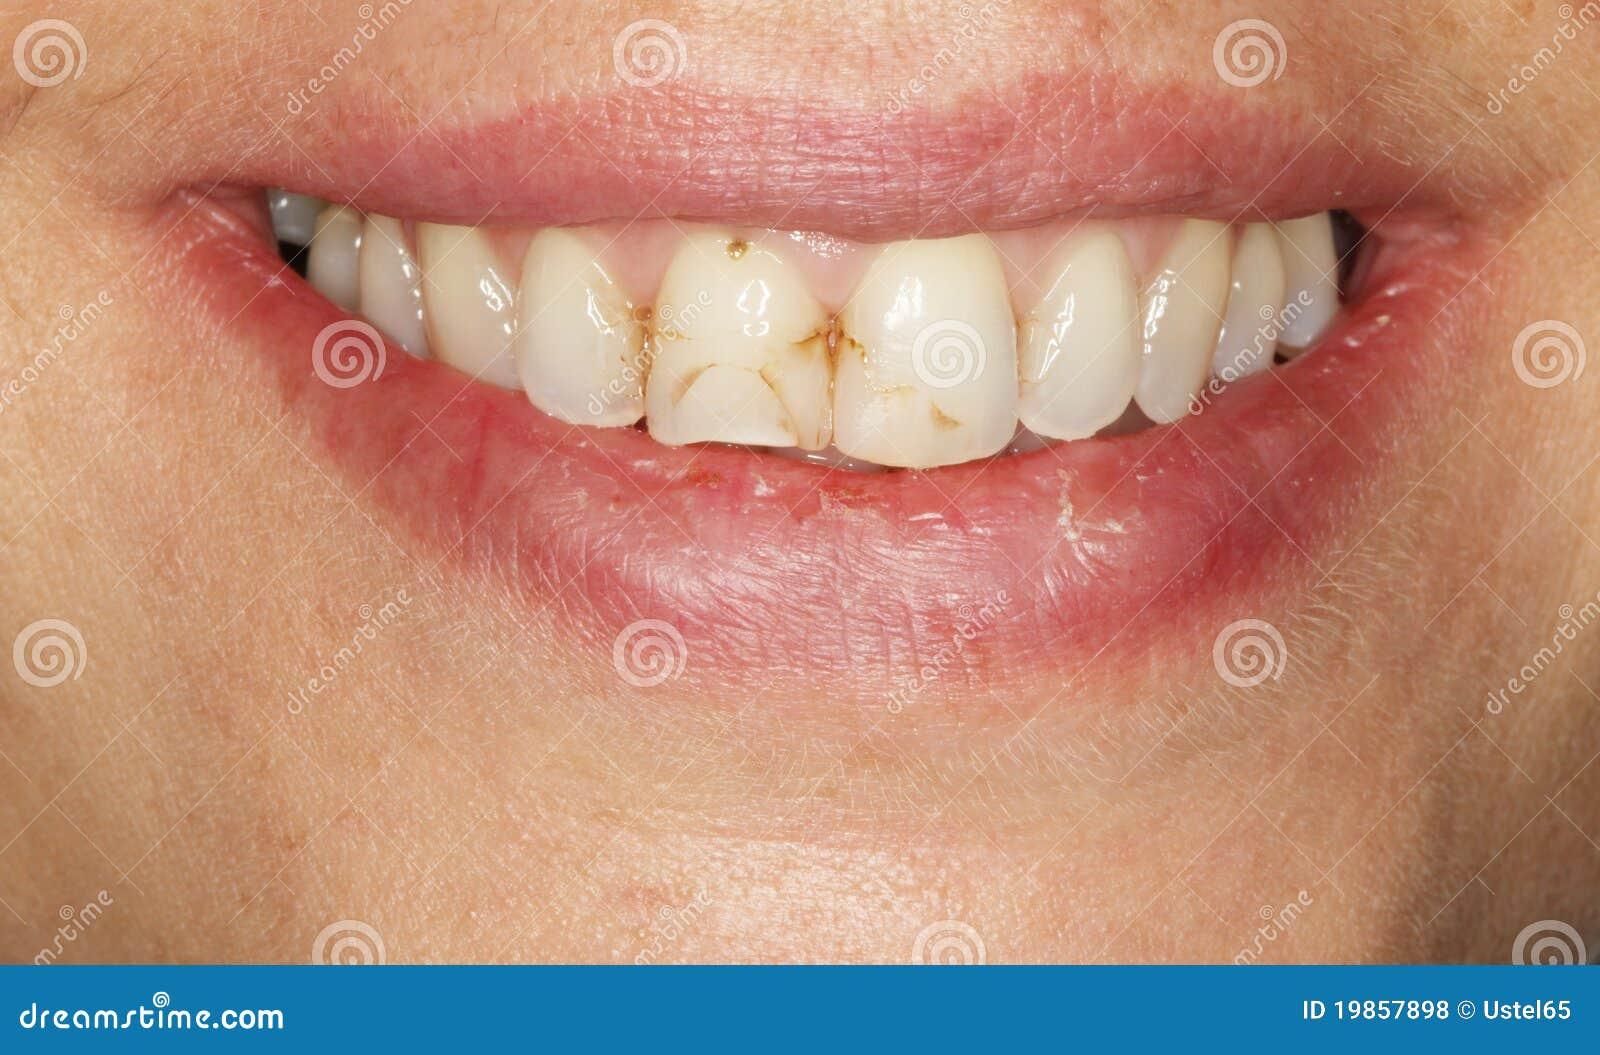 Отбелить зубы в домашних условиях за 1 раз